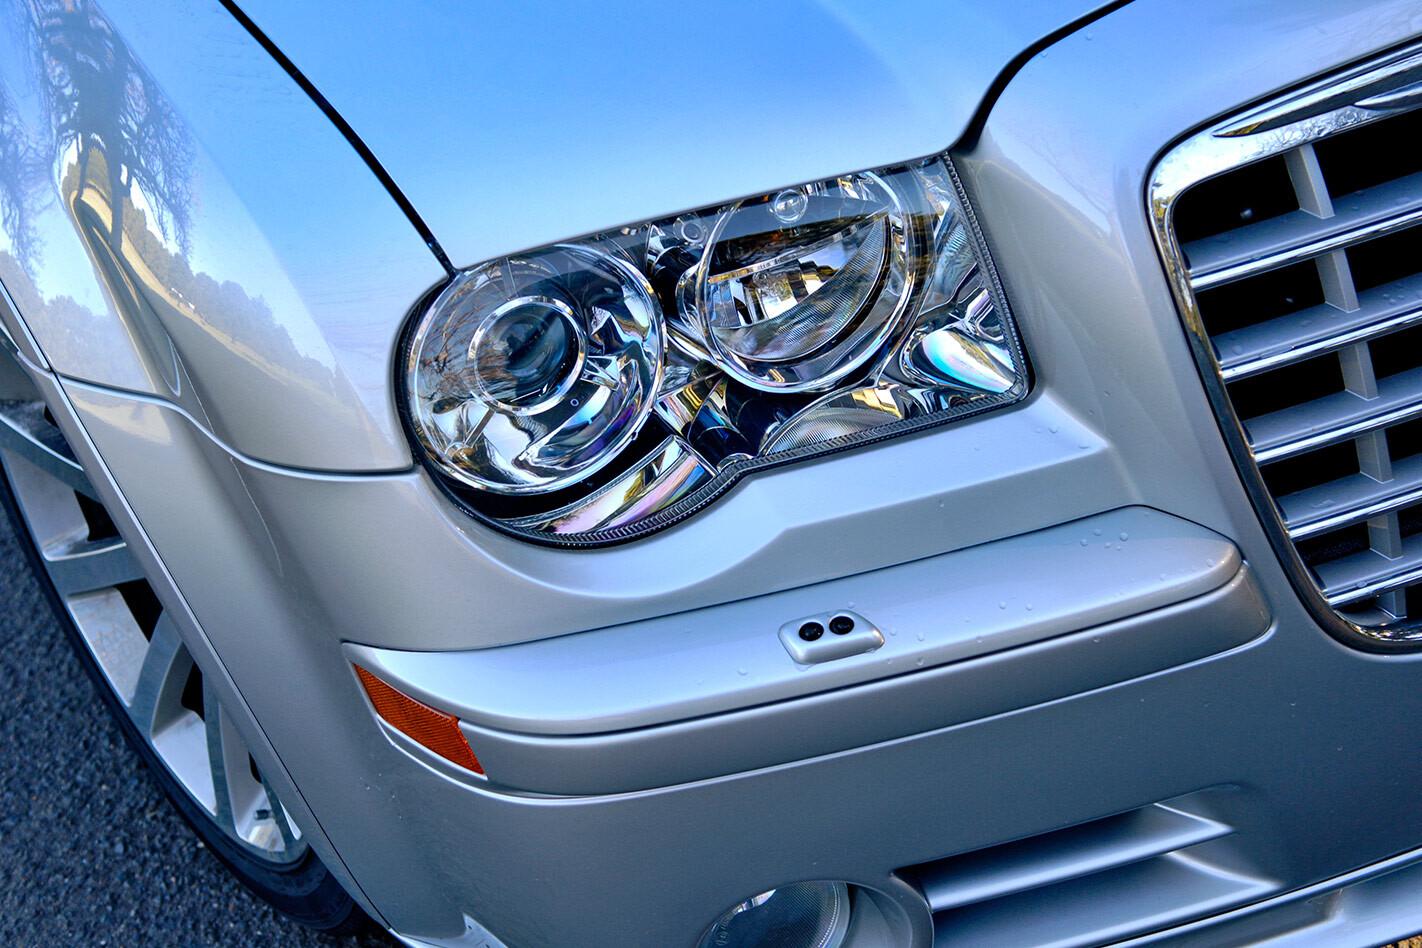 Chrysler 300C headlight